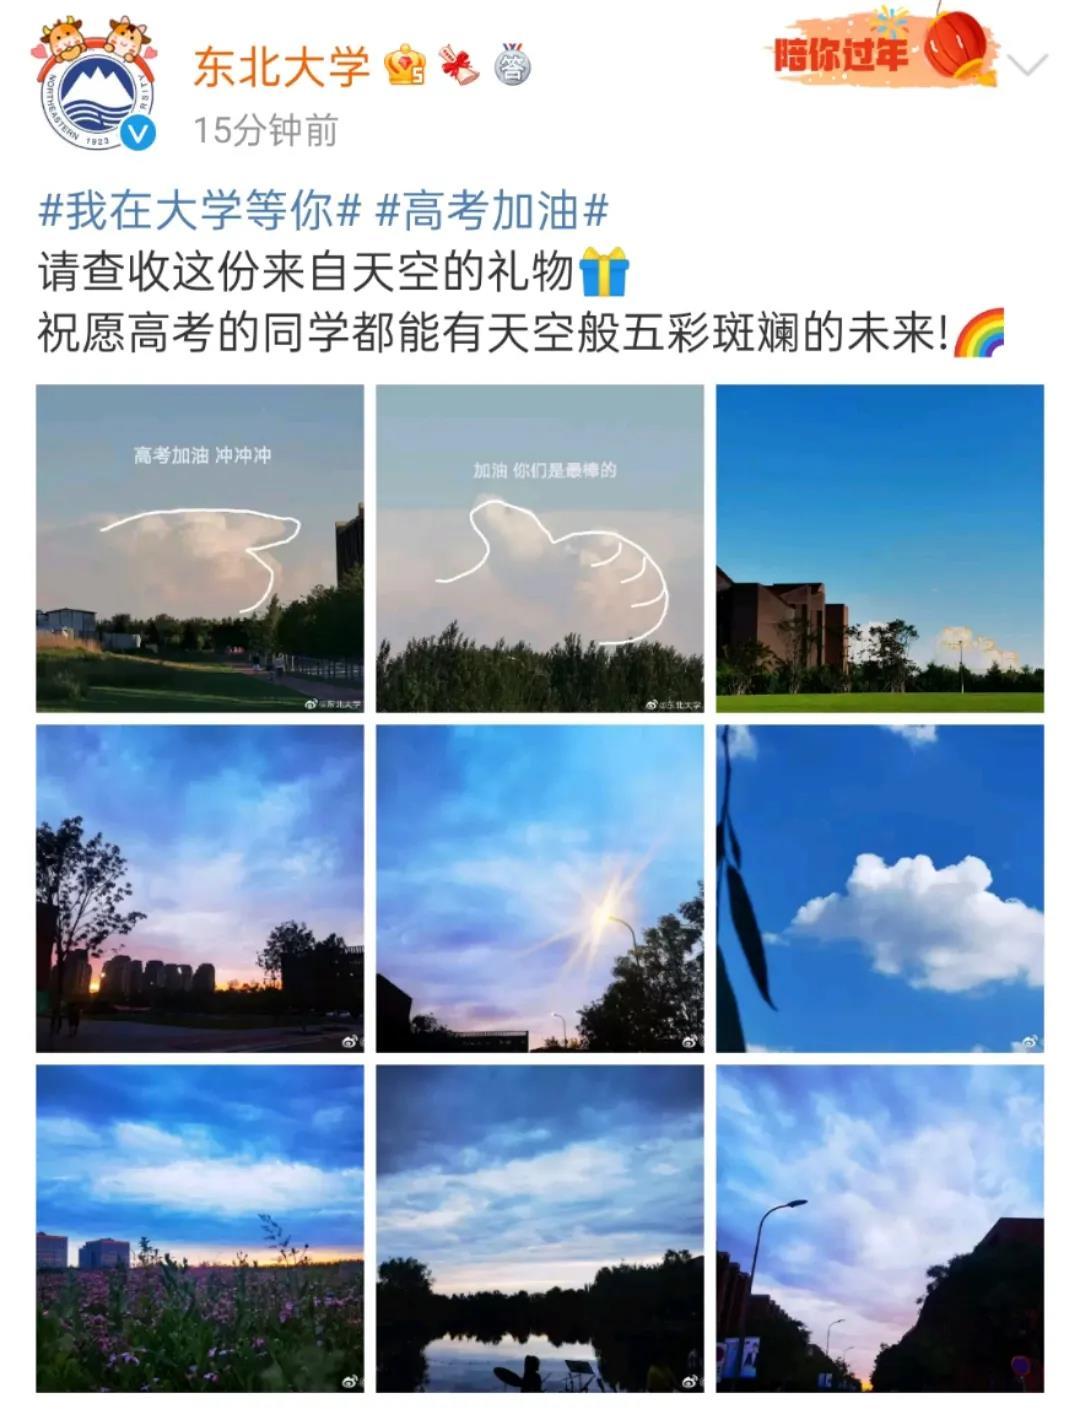 微信图片_20210607125036.jpg